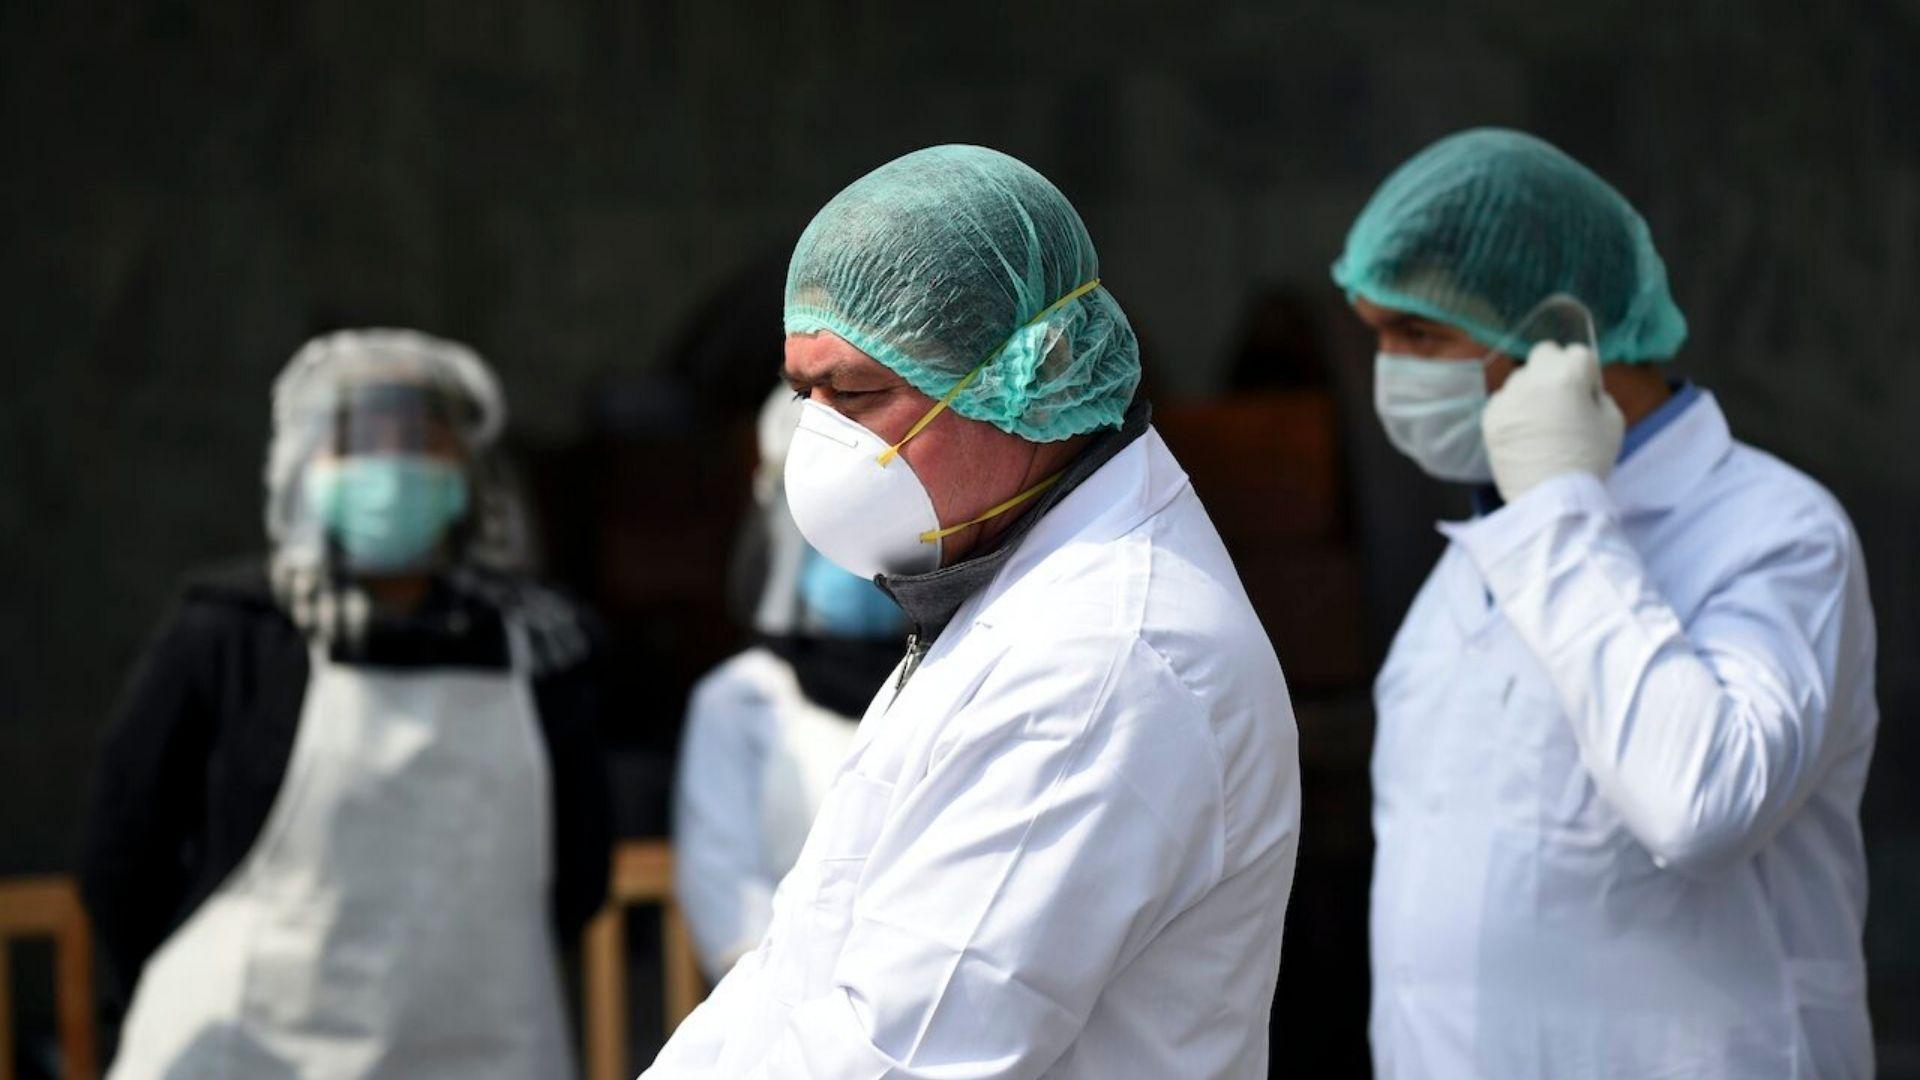 OMS:  4 millones de trabajadores sanitarios en el mundo han sido afectados por COVID-19